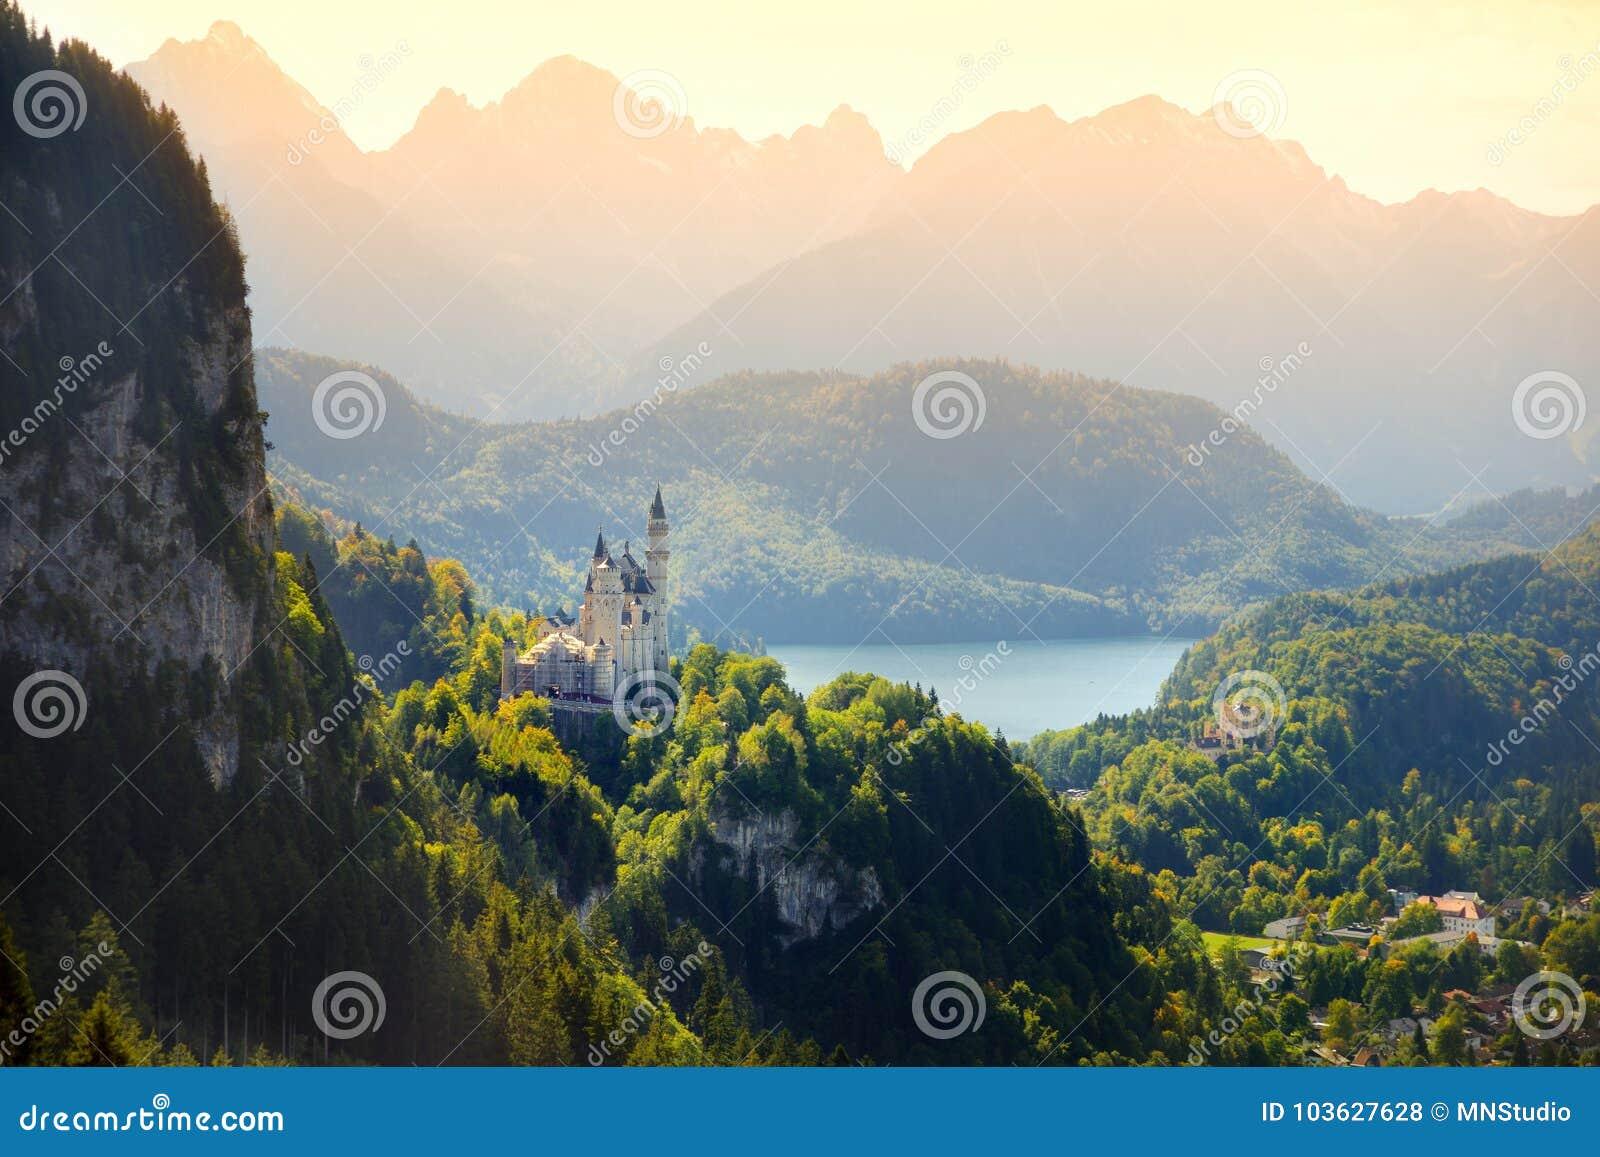 Διάσημο Neuschwanstein Castle, παλάτι παραμυθιού σε έναν τραχύ λόφο επάνω από το χωριό Hohenschwangau κοντά σε Fussen